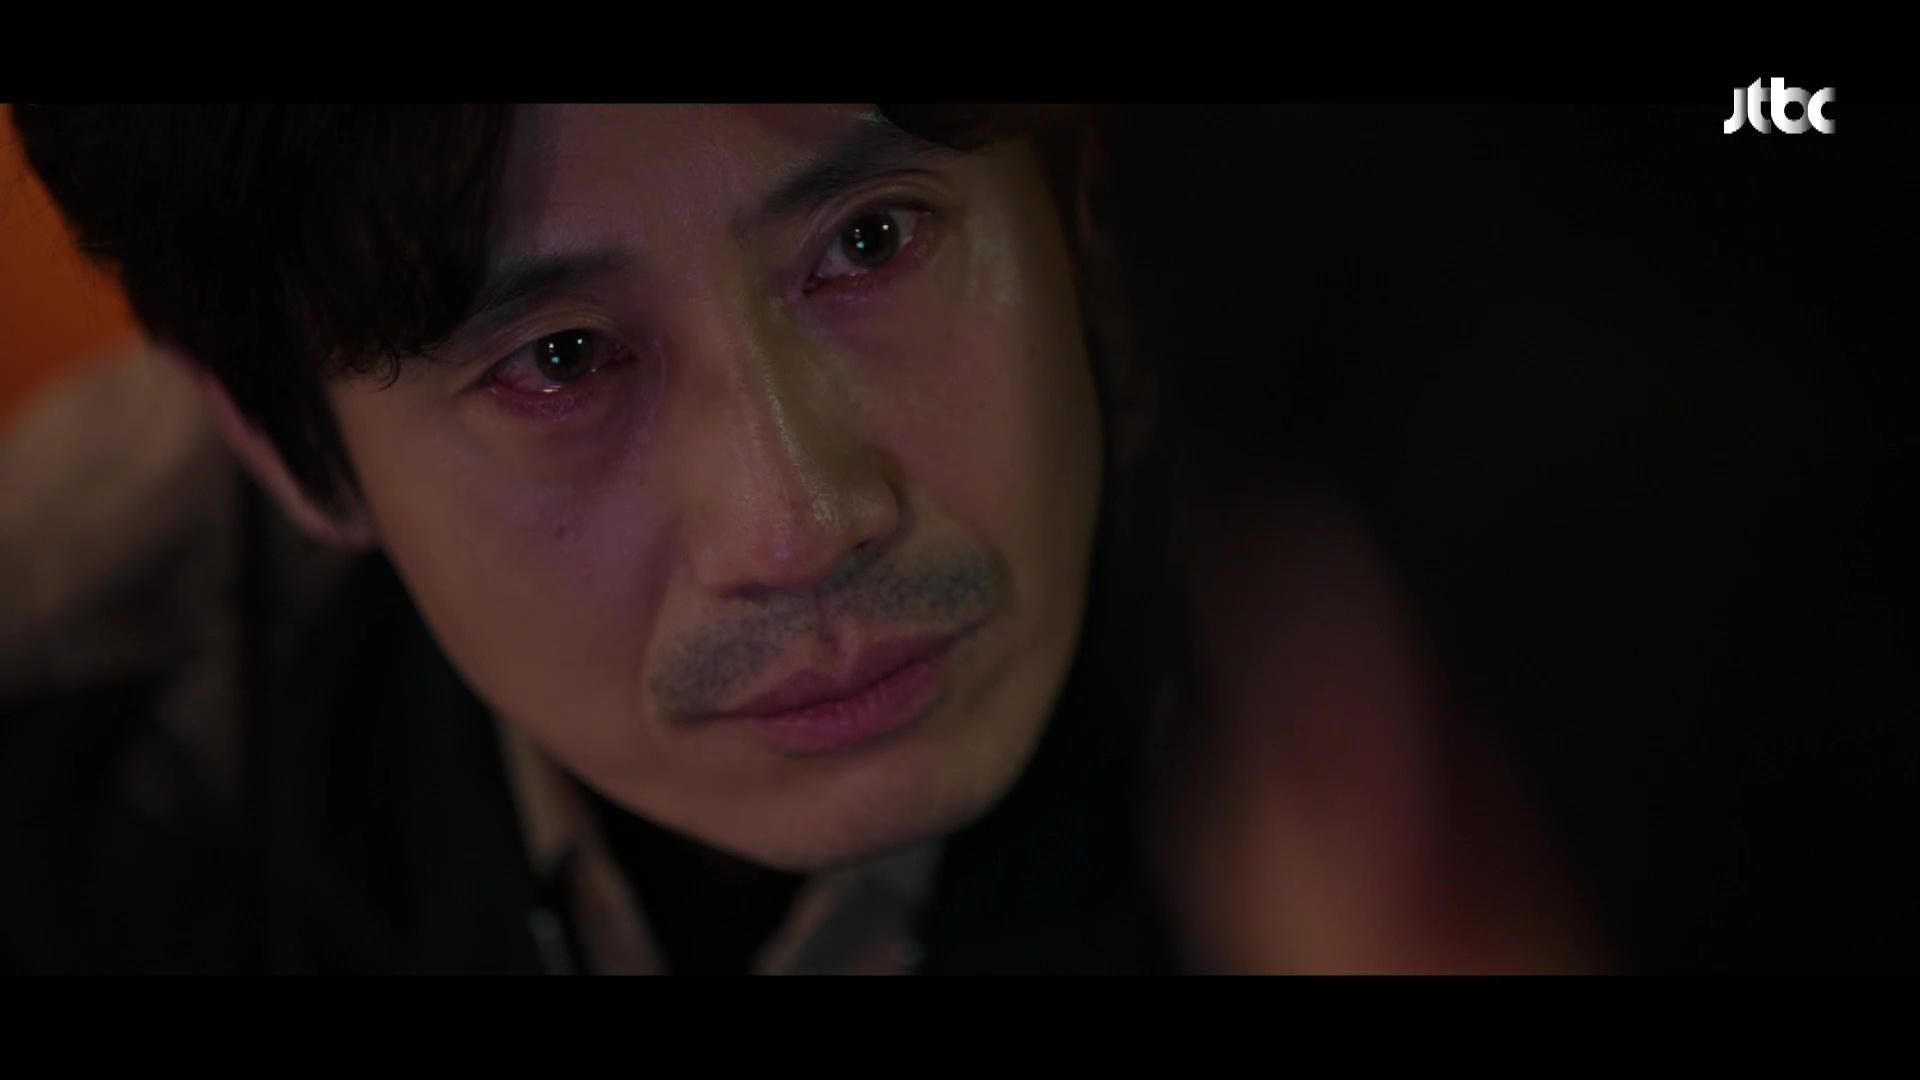 Beyond Evil JTBC Korean Drama Review